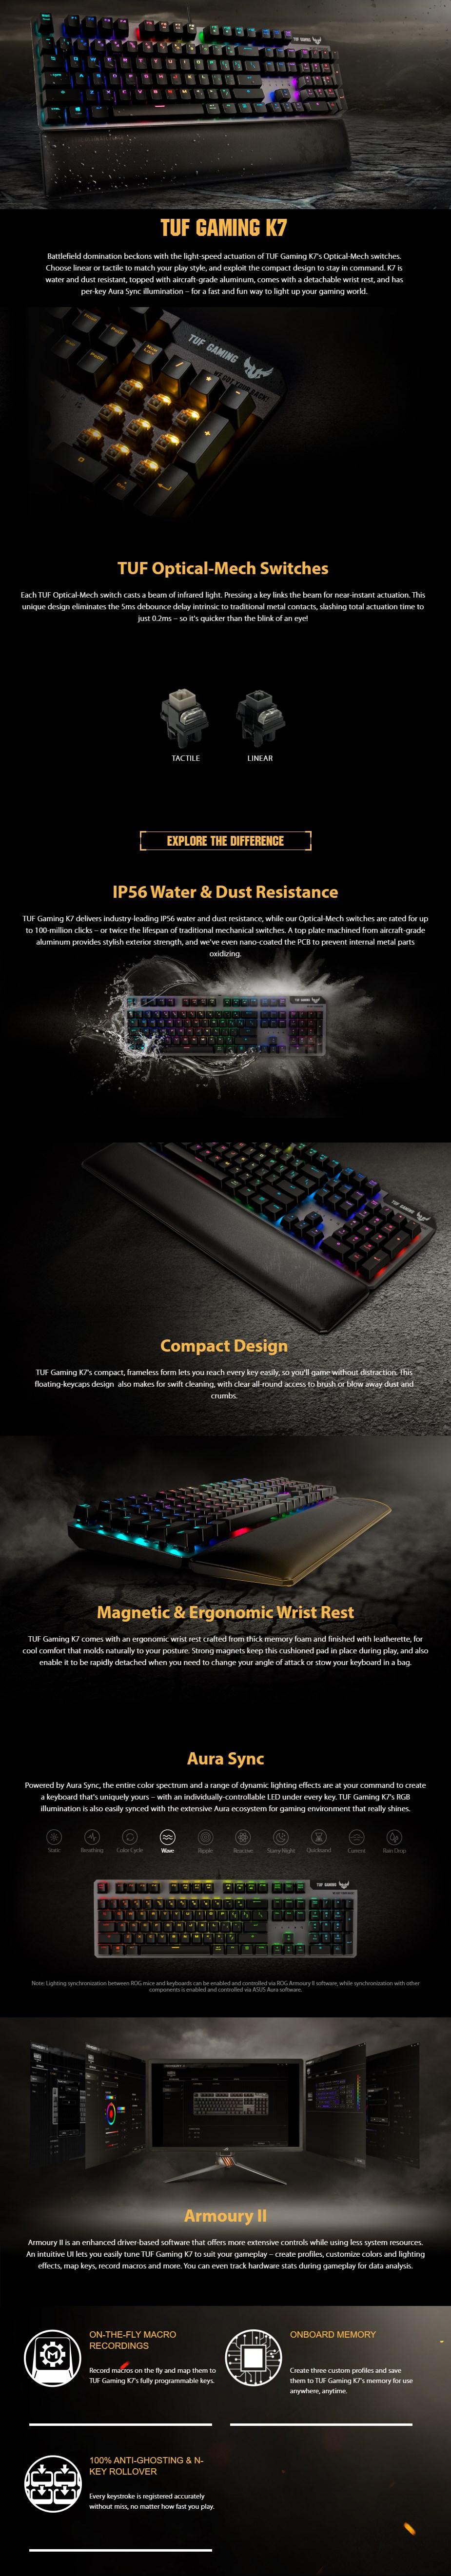 asus-tuf-gaming-k7-opticalmechanical-gaming-keyboard-linear-switches-ac28575-6.jpg